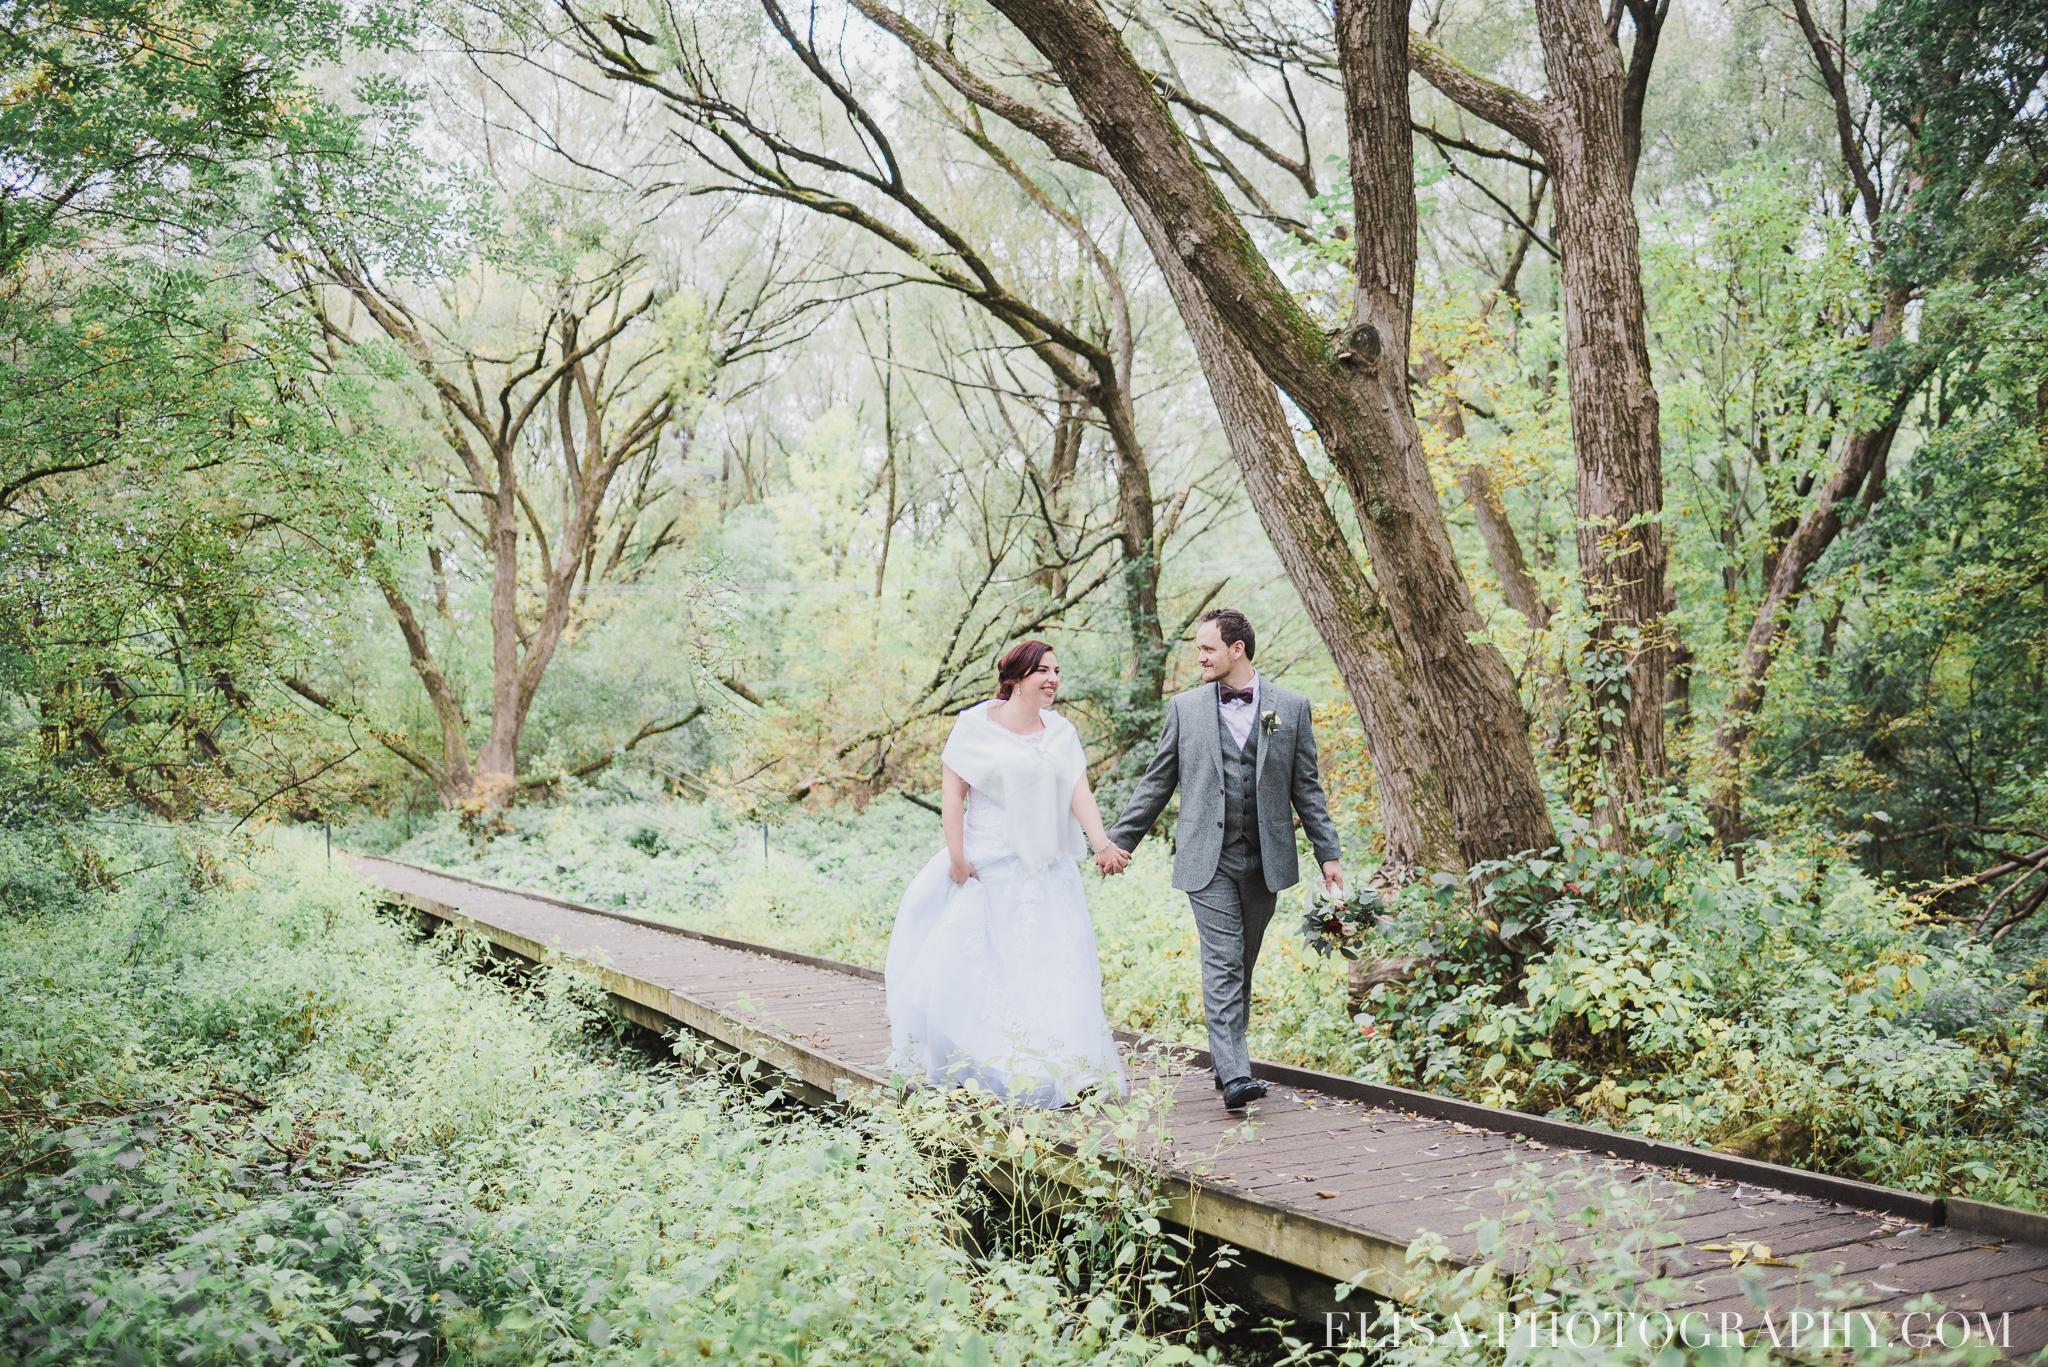 photo mariage automne domaine maizeret quebec naturel lumineuse romantique 5601 - Mariage à saveur automnale à l'Espace Saint-Grégoire